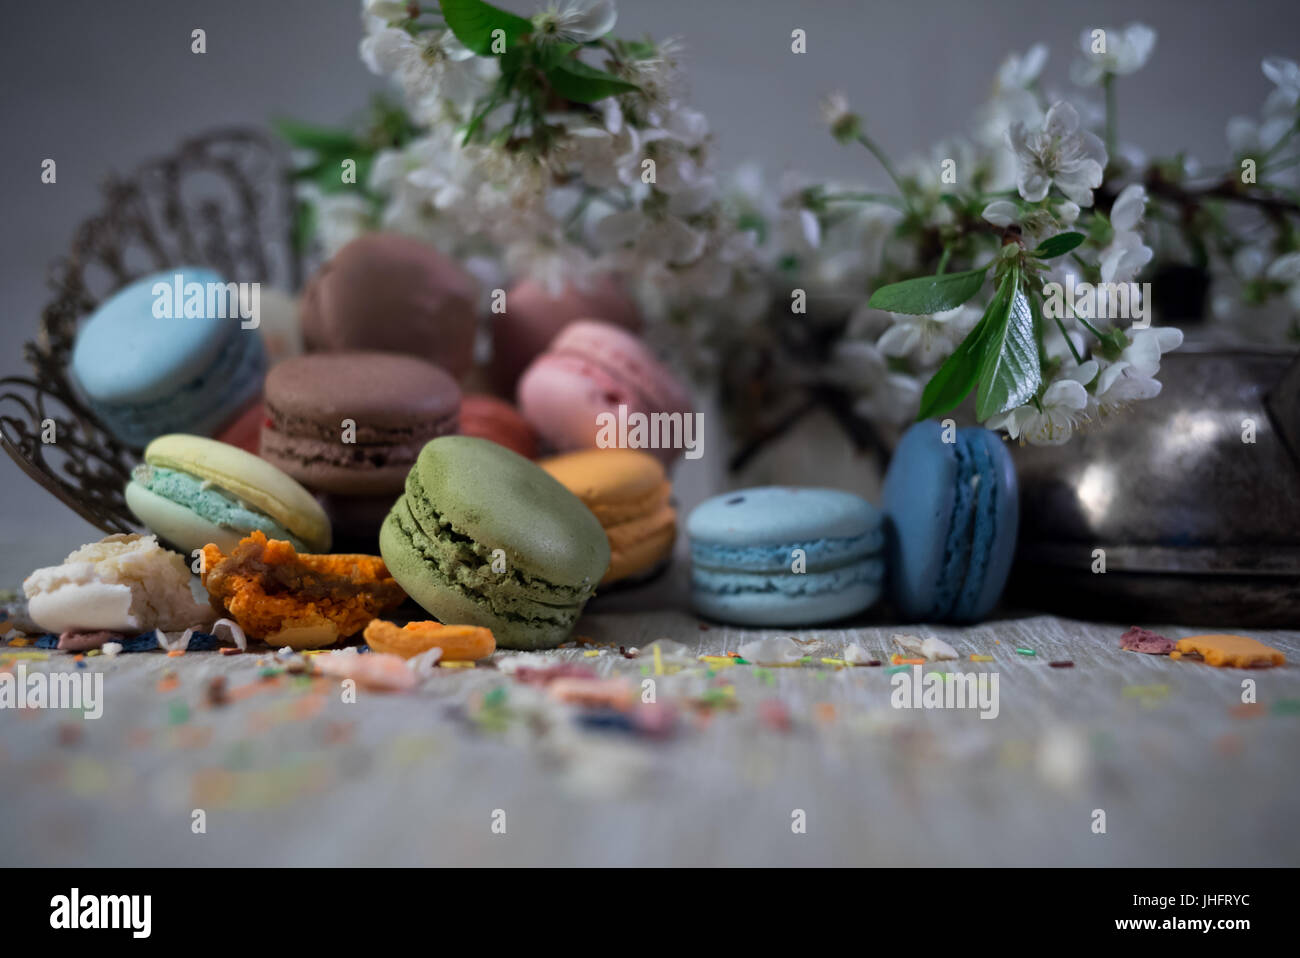 Macarons multicolor sobre una mesa con este jarrón y rama de cerezo en flor Imagen De Stock